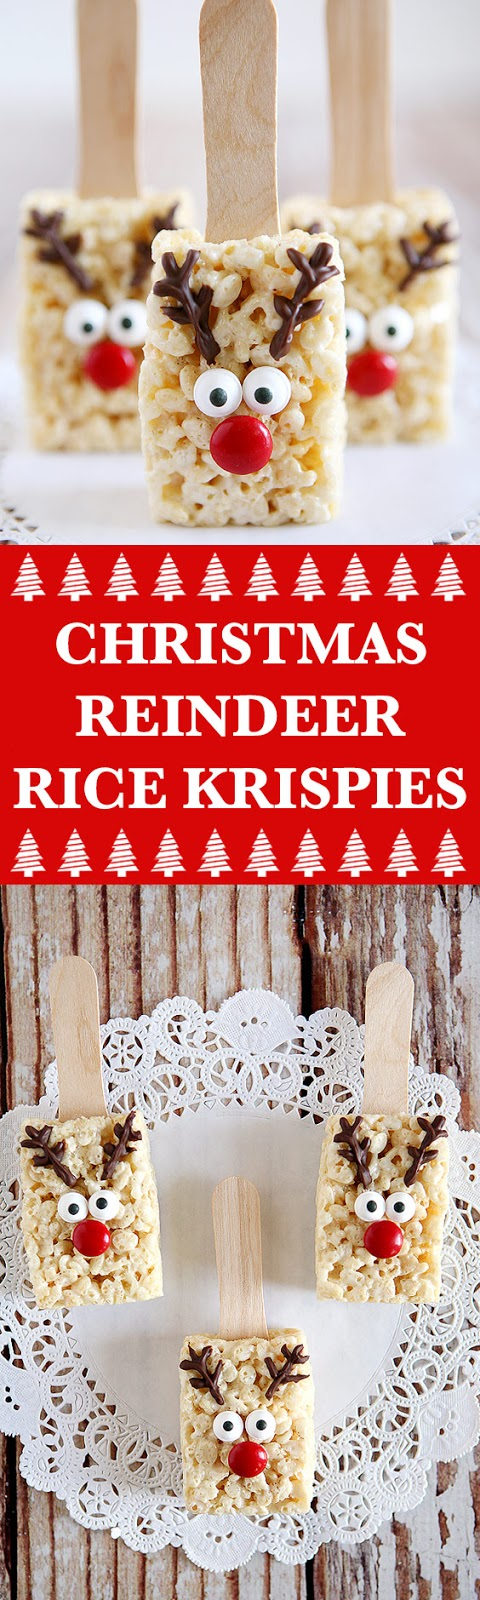 Christmas Reindeer Rice Krispies Treats